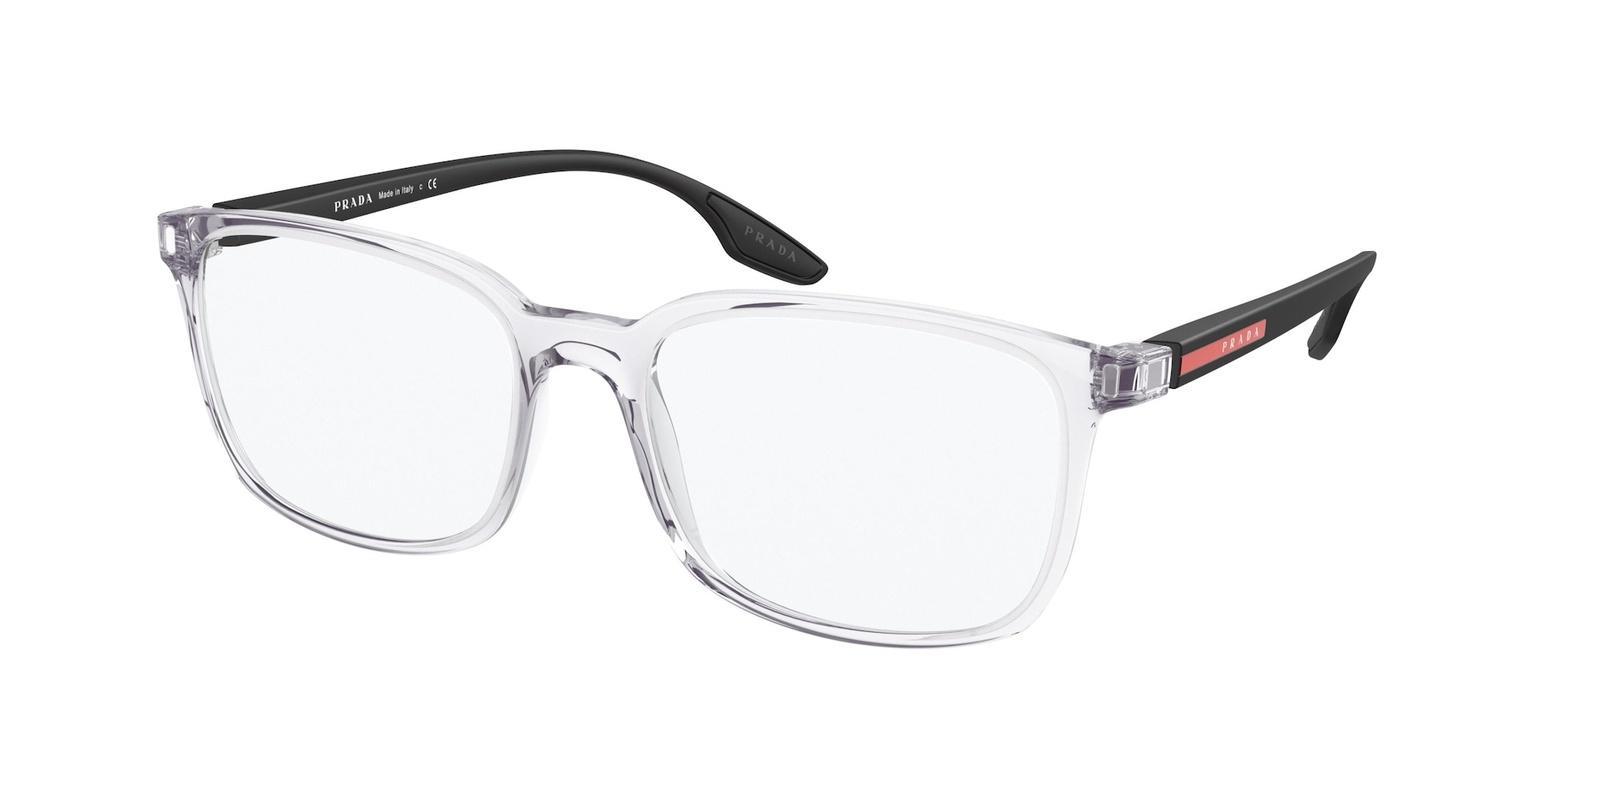 Prada PS 05MV Eyeglasses